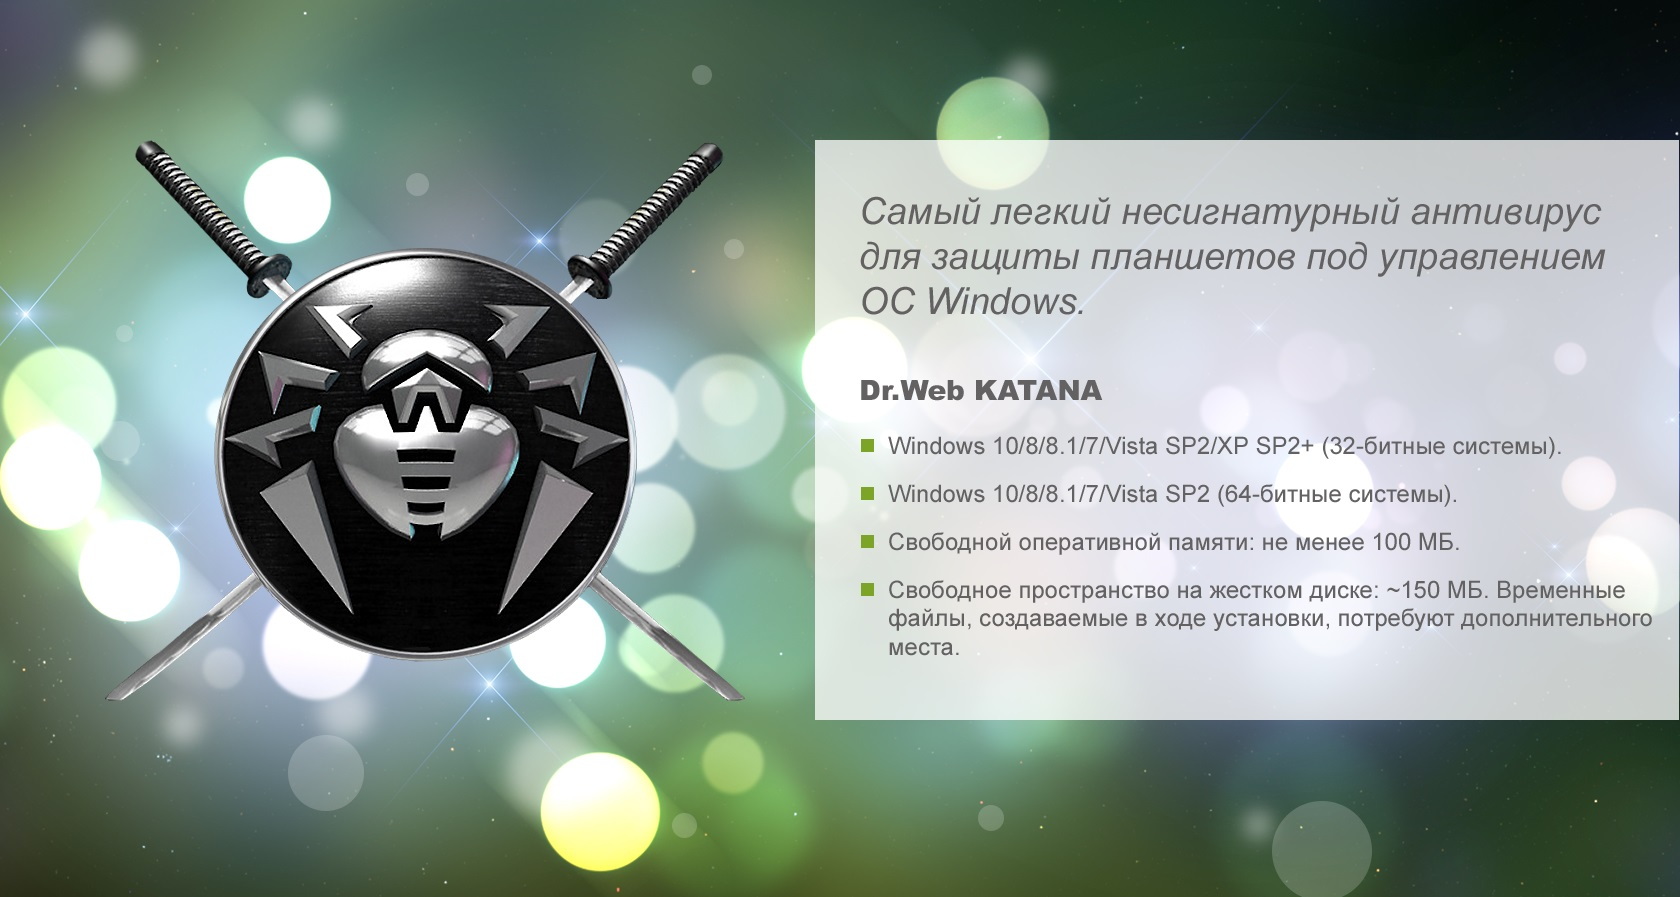 Скачать Dr Web Для Windows 10 Бесплатно На Русском Языке